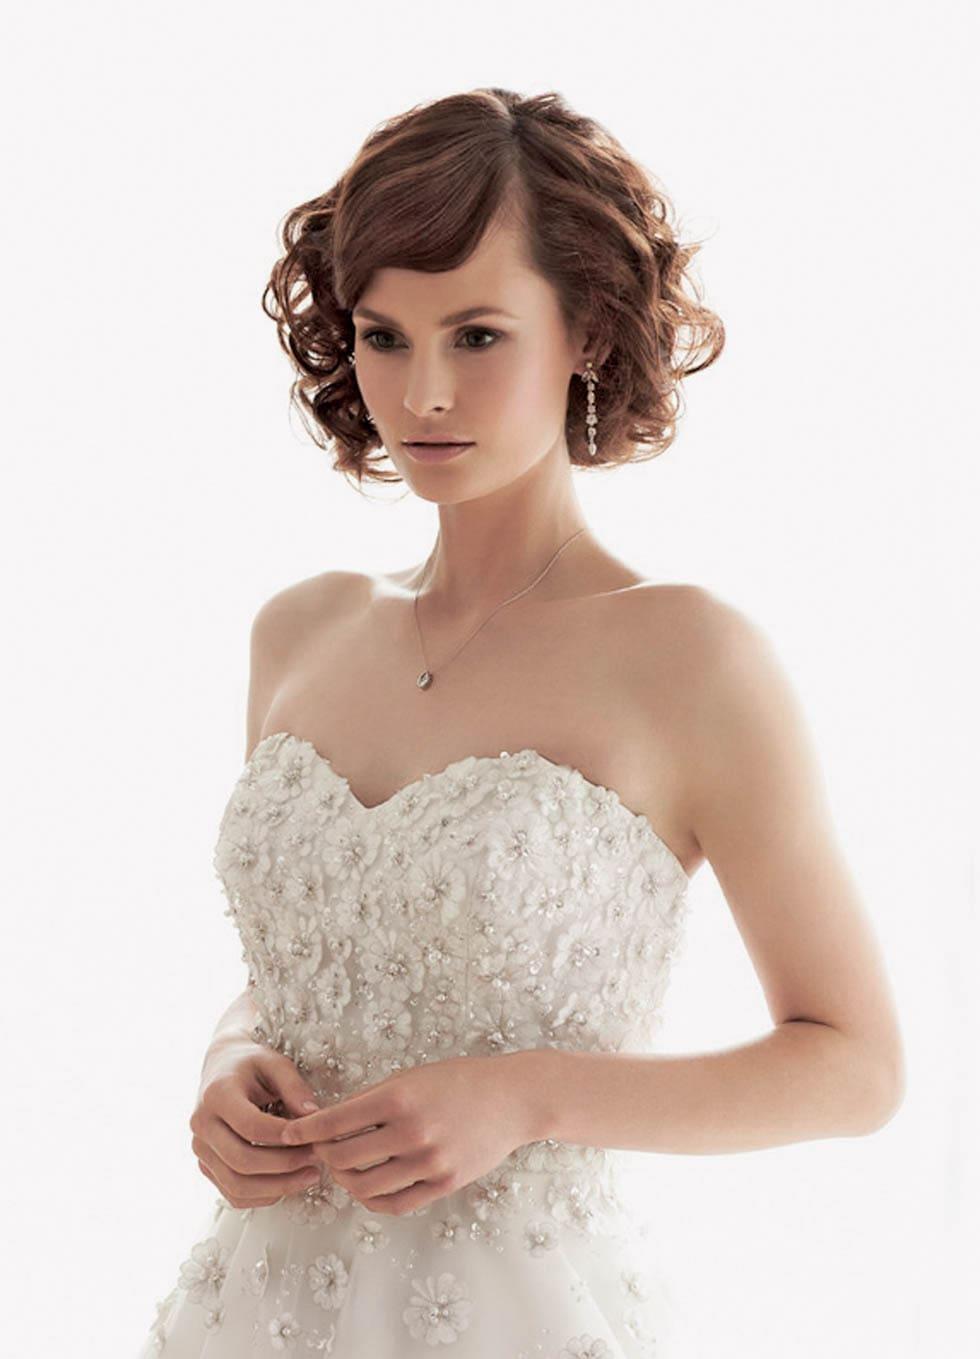 Galerie 26 Brautfrisuren Für Kurzes Oder Schulterlanges Haar